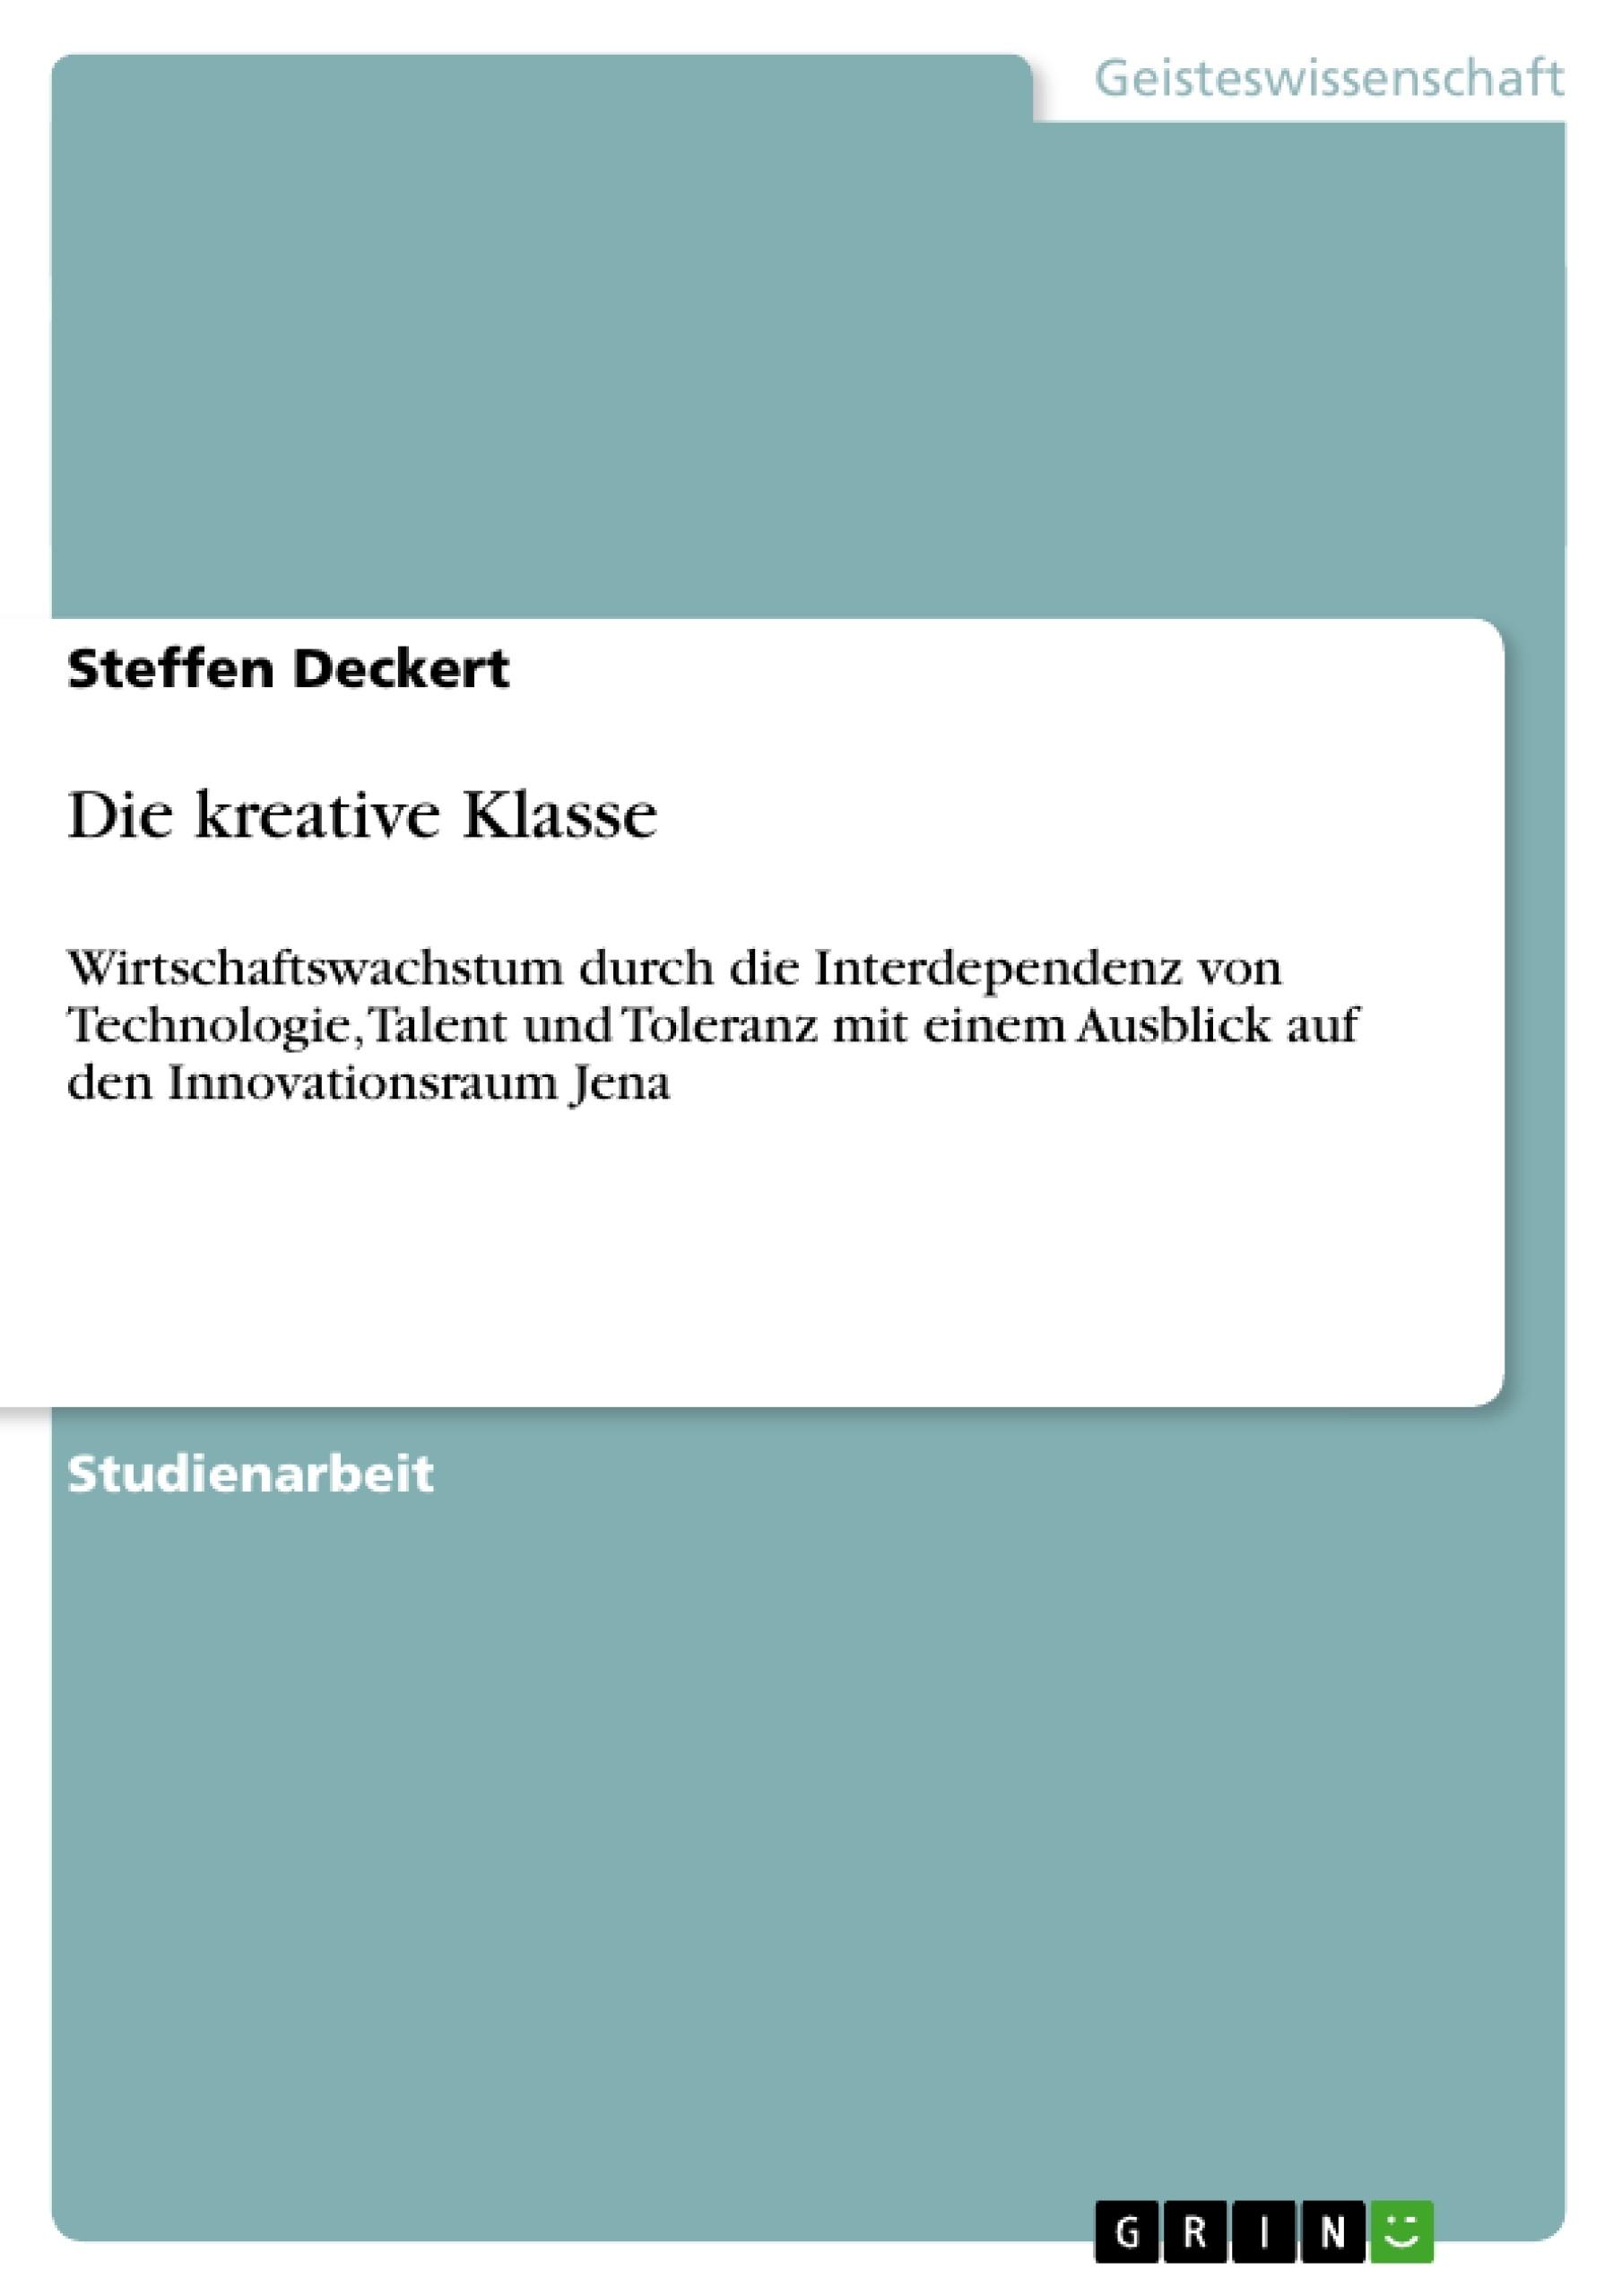 Titel: Die kreative Klasse